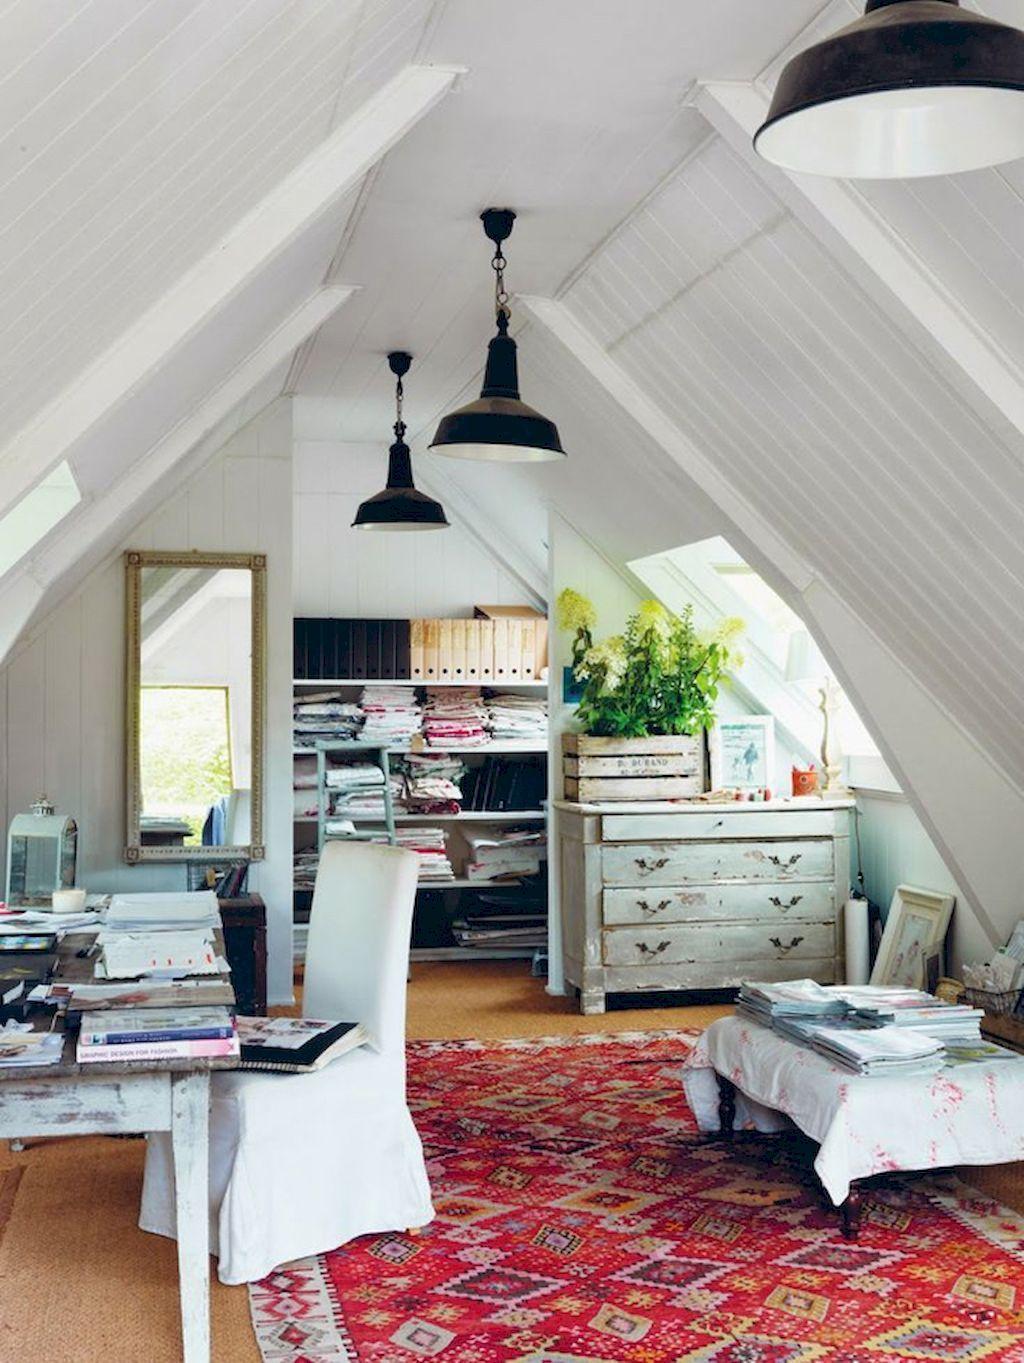 26 Most Stunning Loft Workspace Design Ideas